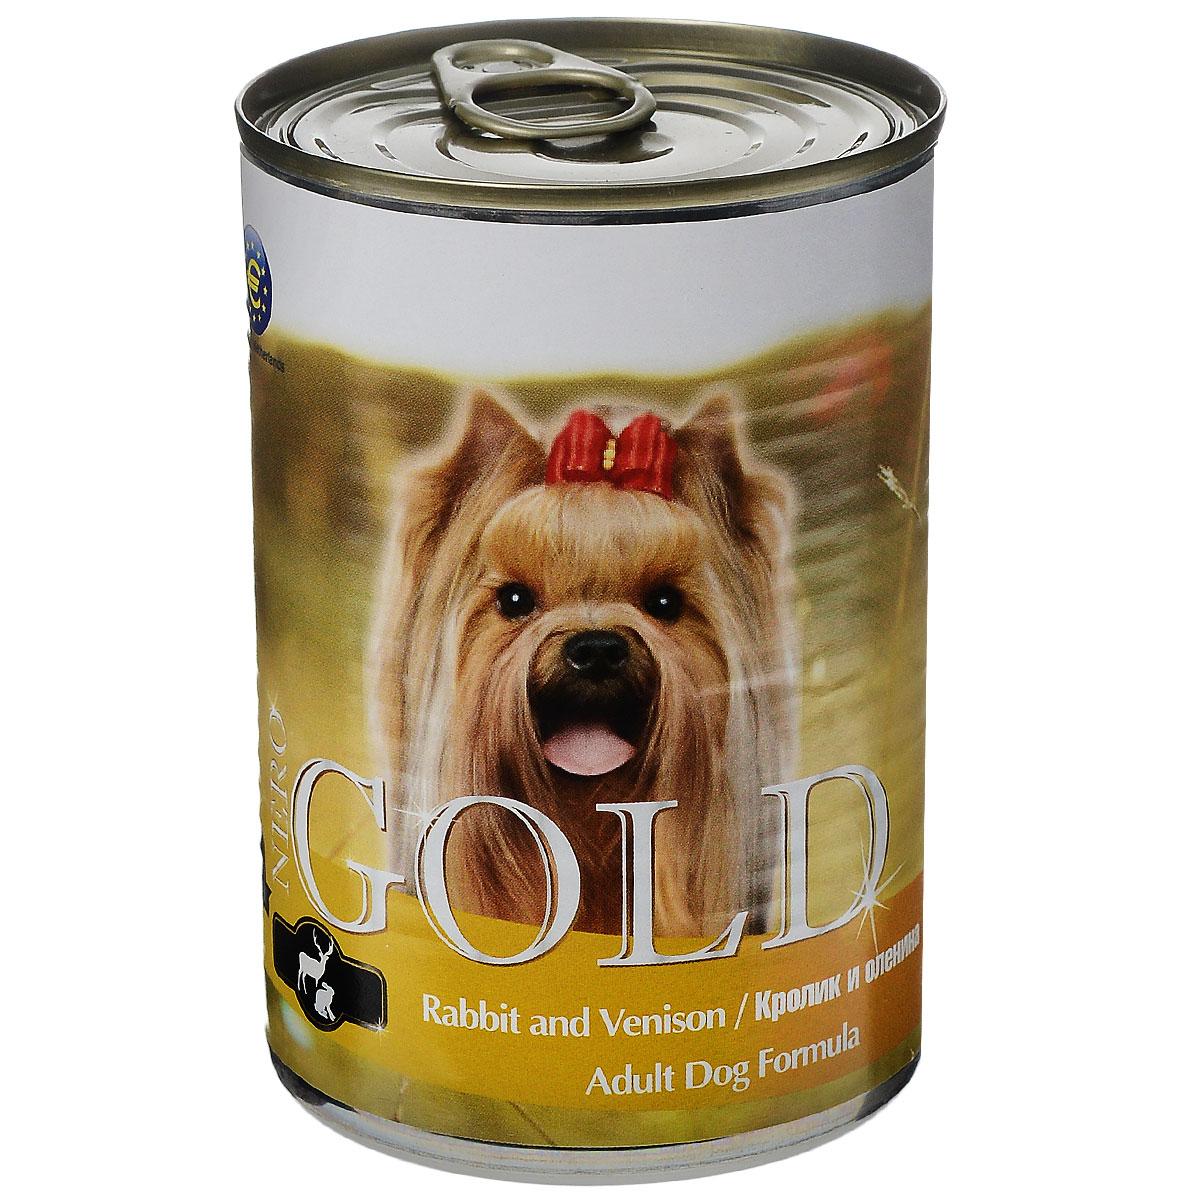 Консервы для собак Nero Gold, с кроликом и олениной, 410 г10320Консервы для собак Nero Gold - полнорационный продукт, содержащий все необходимые витамины и минералы, сбалансированный для поддержания оптимального здоровья вашего питомца! Состав: мясо и его производные, филе курицы, филе кролика, оленина, злаки, витамины и минералы. Гарантированный анализ: белки 6,5%, жиры 4,5%, клетчатка 0,5%, зола 2%, влага 81%. Пищевые добавки на 1 кг продукта: витамин А 1600 МЕ, витамин D 140 МЕ, витамин Е 10 МЕ, железо 24 мг, марганец 6 мг, цинк 15 мг, медь 1 мг, магний 200 мг, йод 0,3 мг, селен 0,2 мг. Вес: 410 г. Товар сертифицирован.